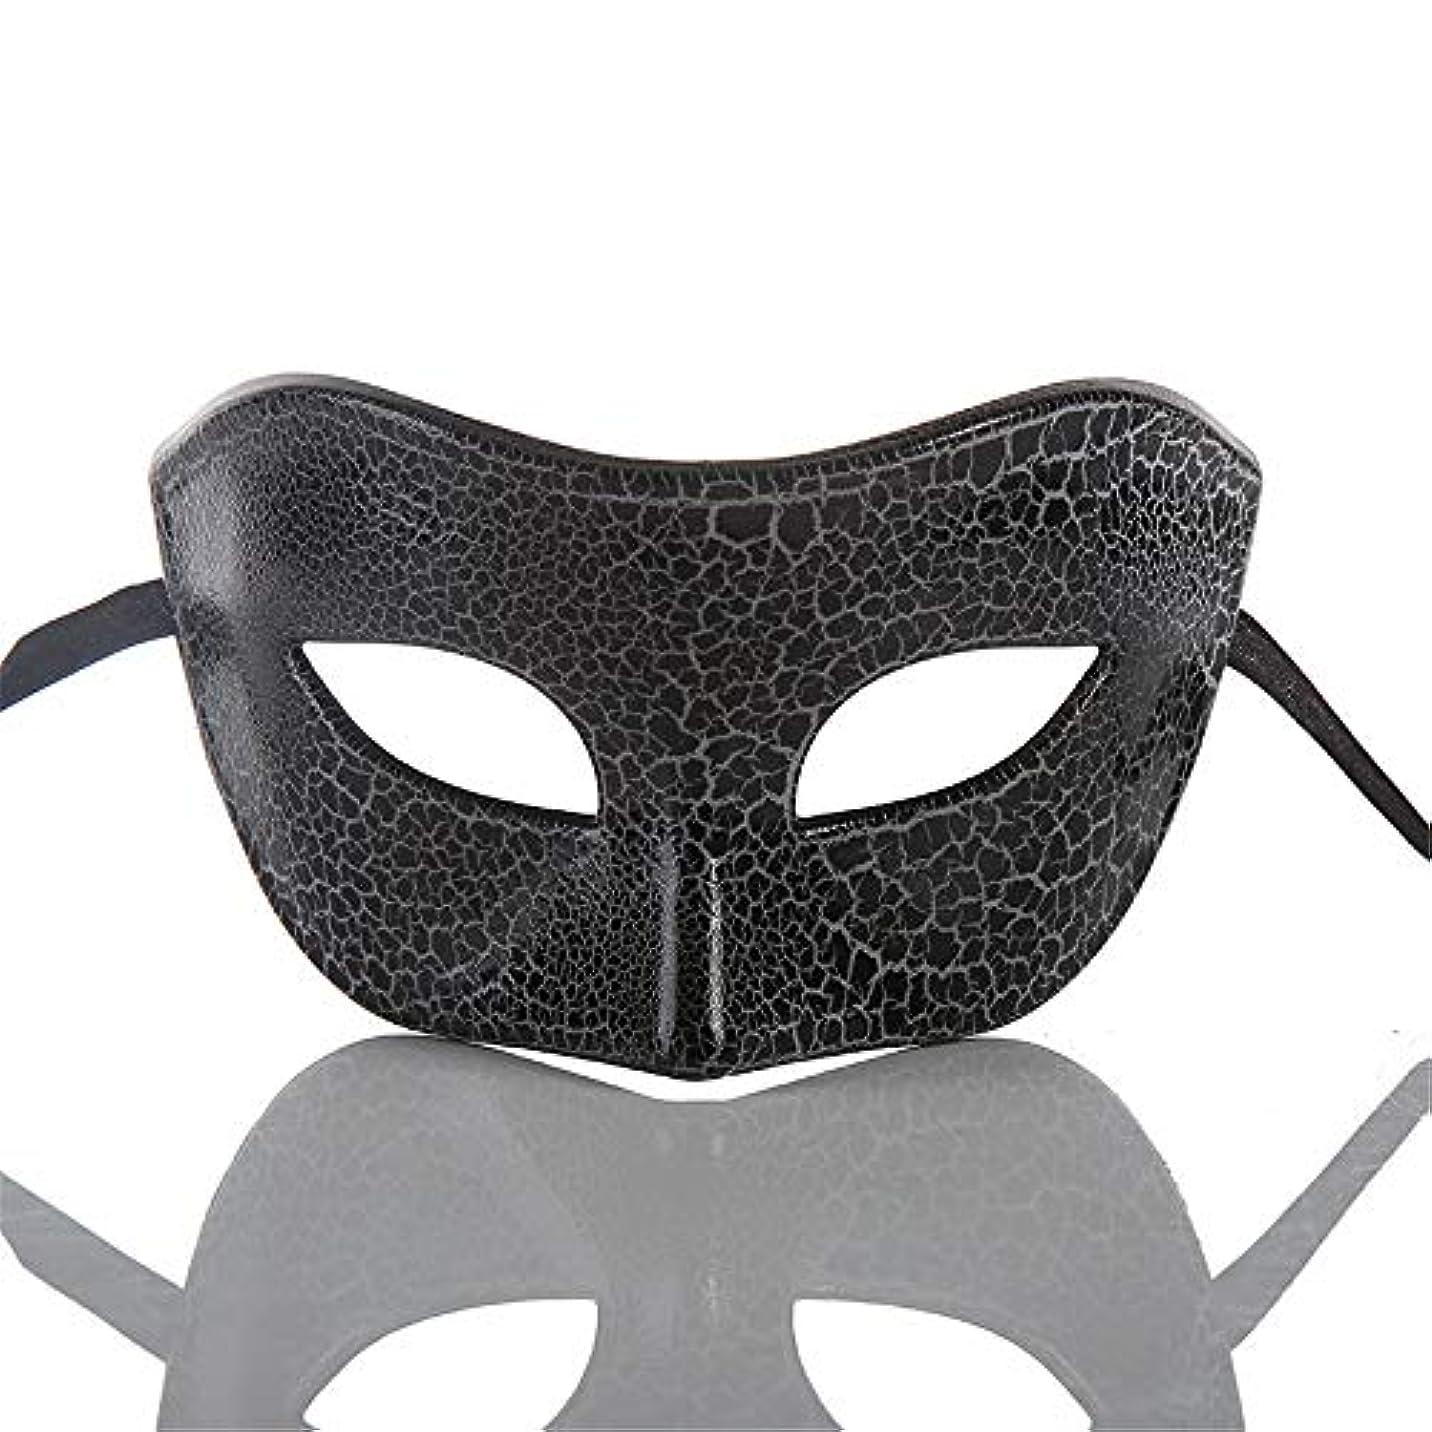 信じる落ち込んでいる口述するダンスマスク ハーフマスク新しいハロウィーンマスク仮装レトロコスプレメイクナイトクラブマスク雰囲気クリスマスお祝いプラスチックマスク ホリデーパーティー用品 (色 : ブラック, サイズ : 16.5x8cm)